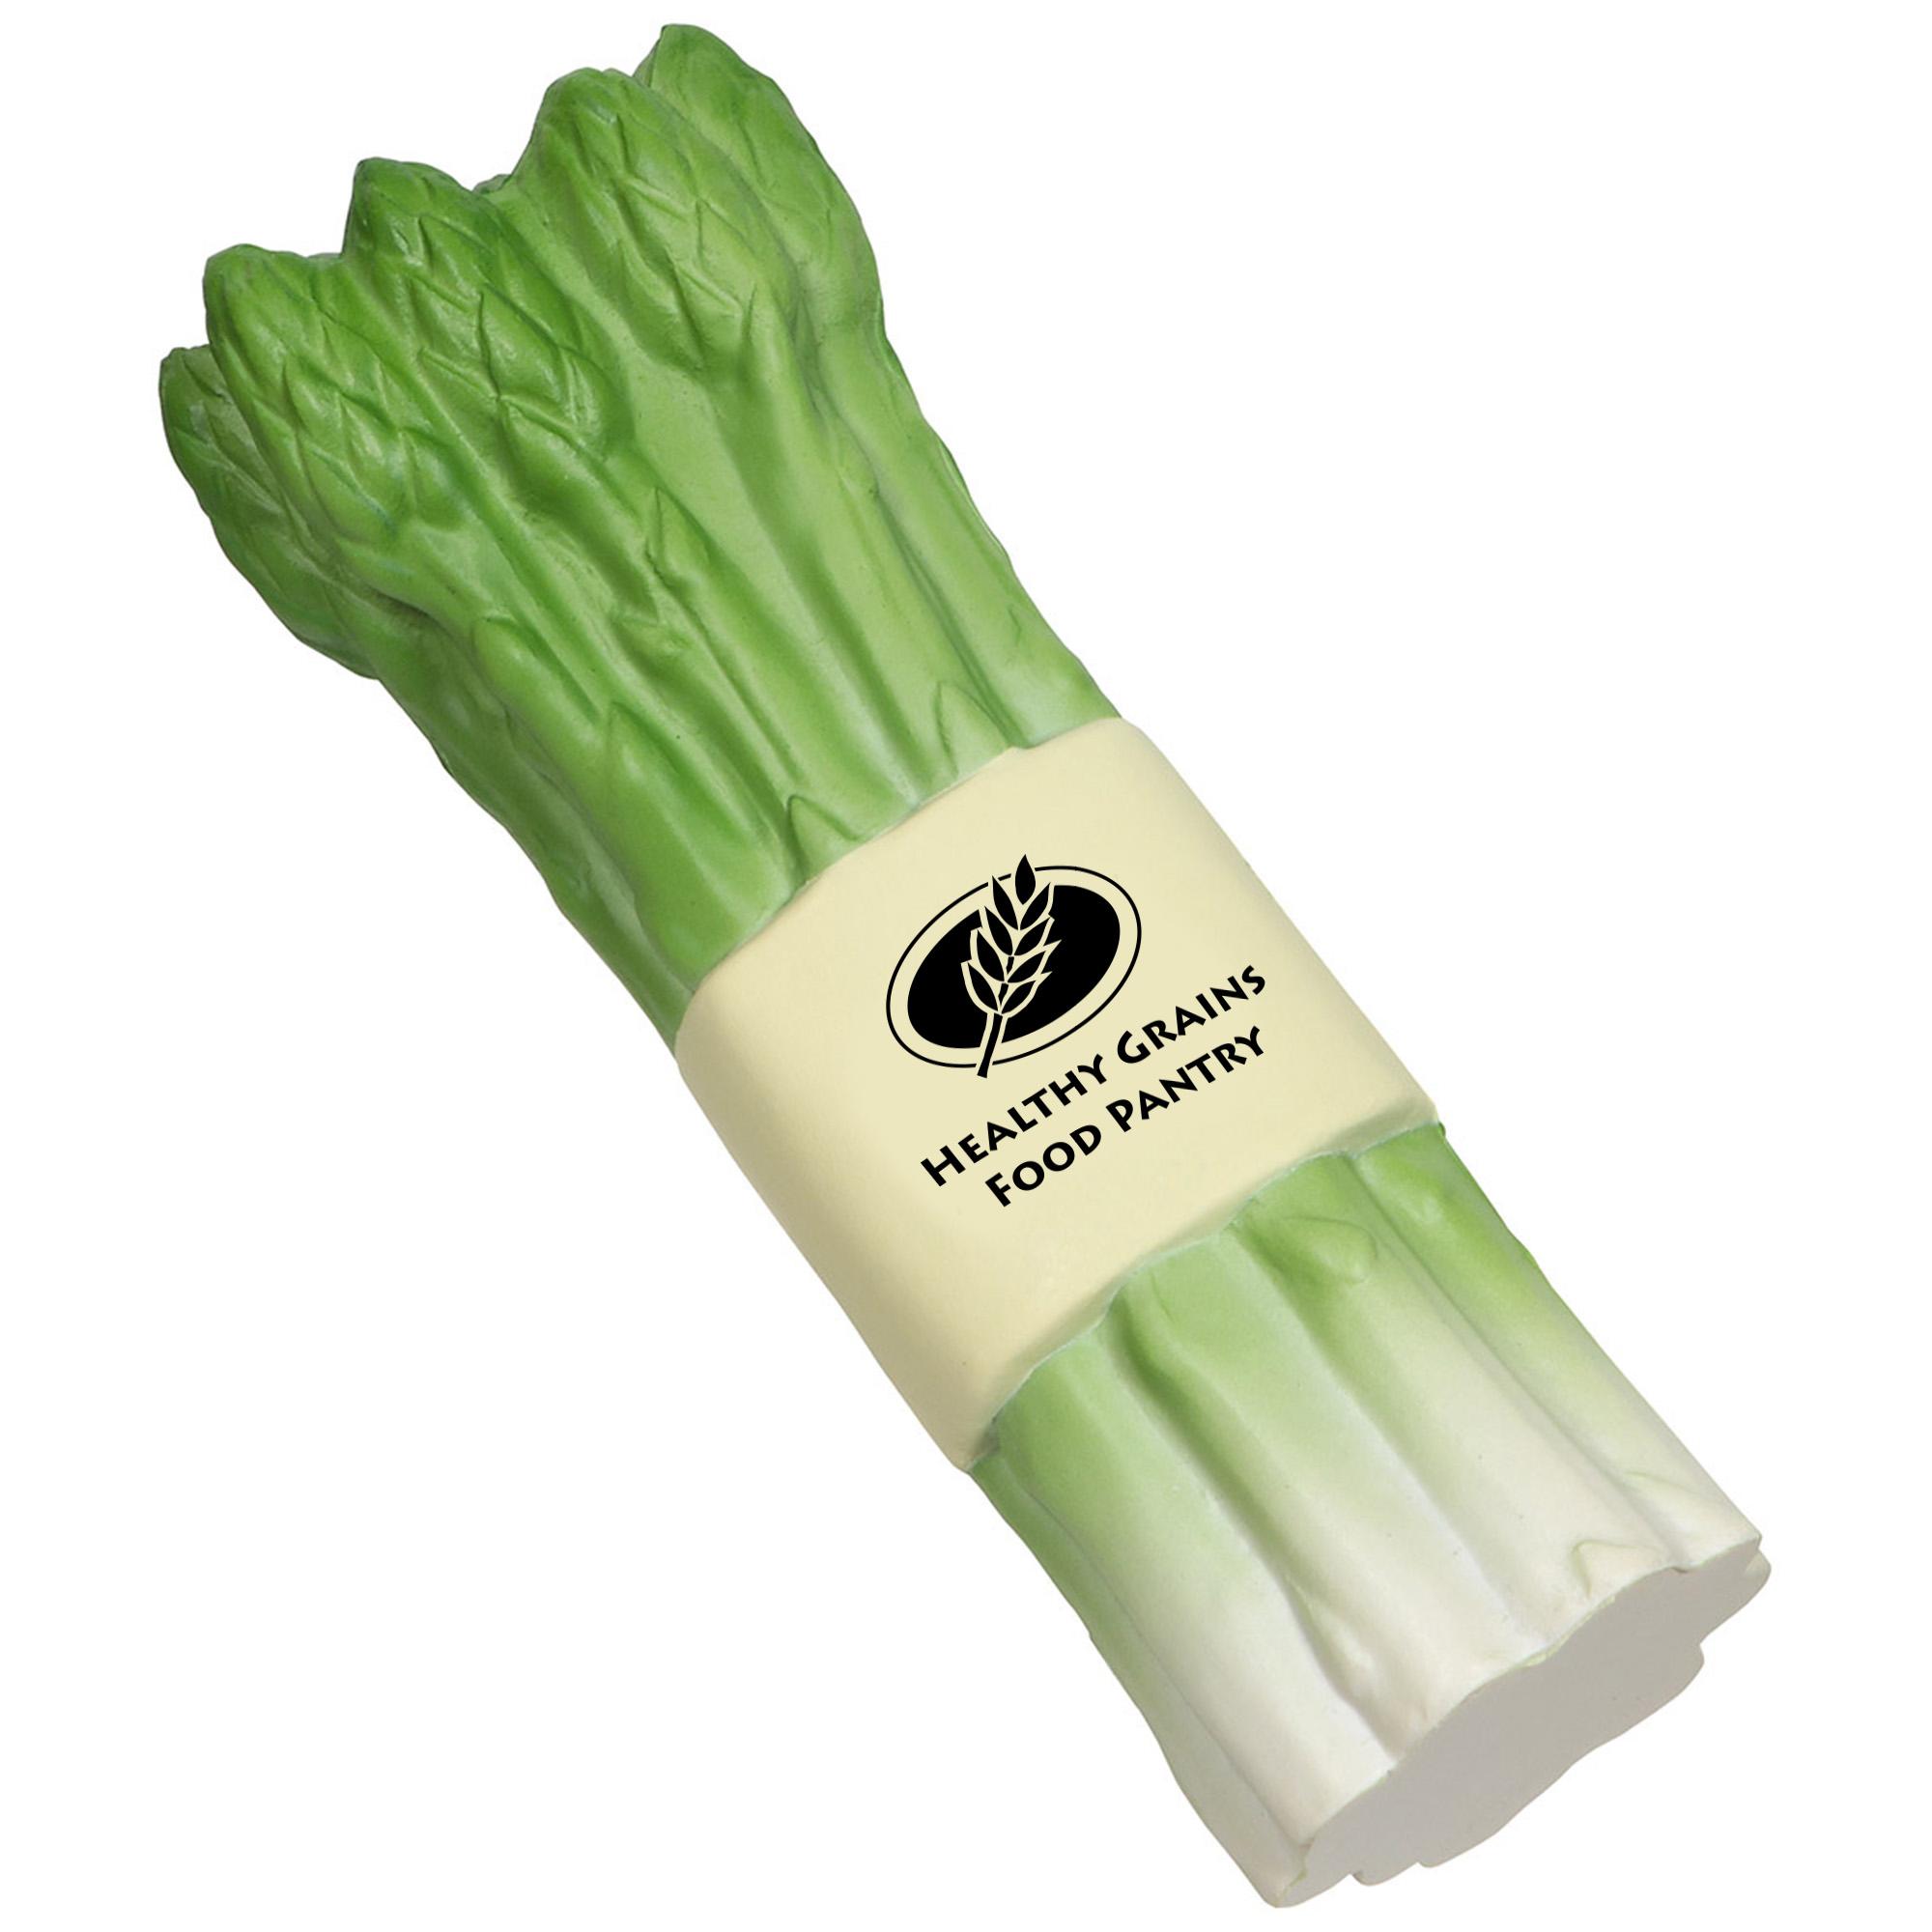 Asparagus Stress Reliever